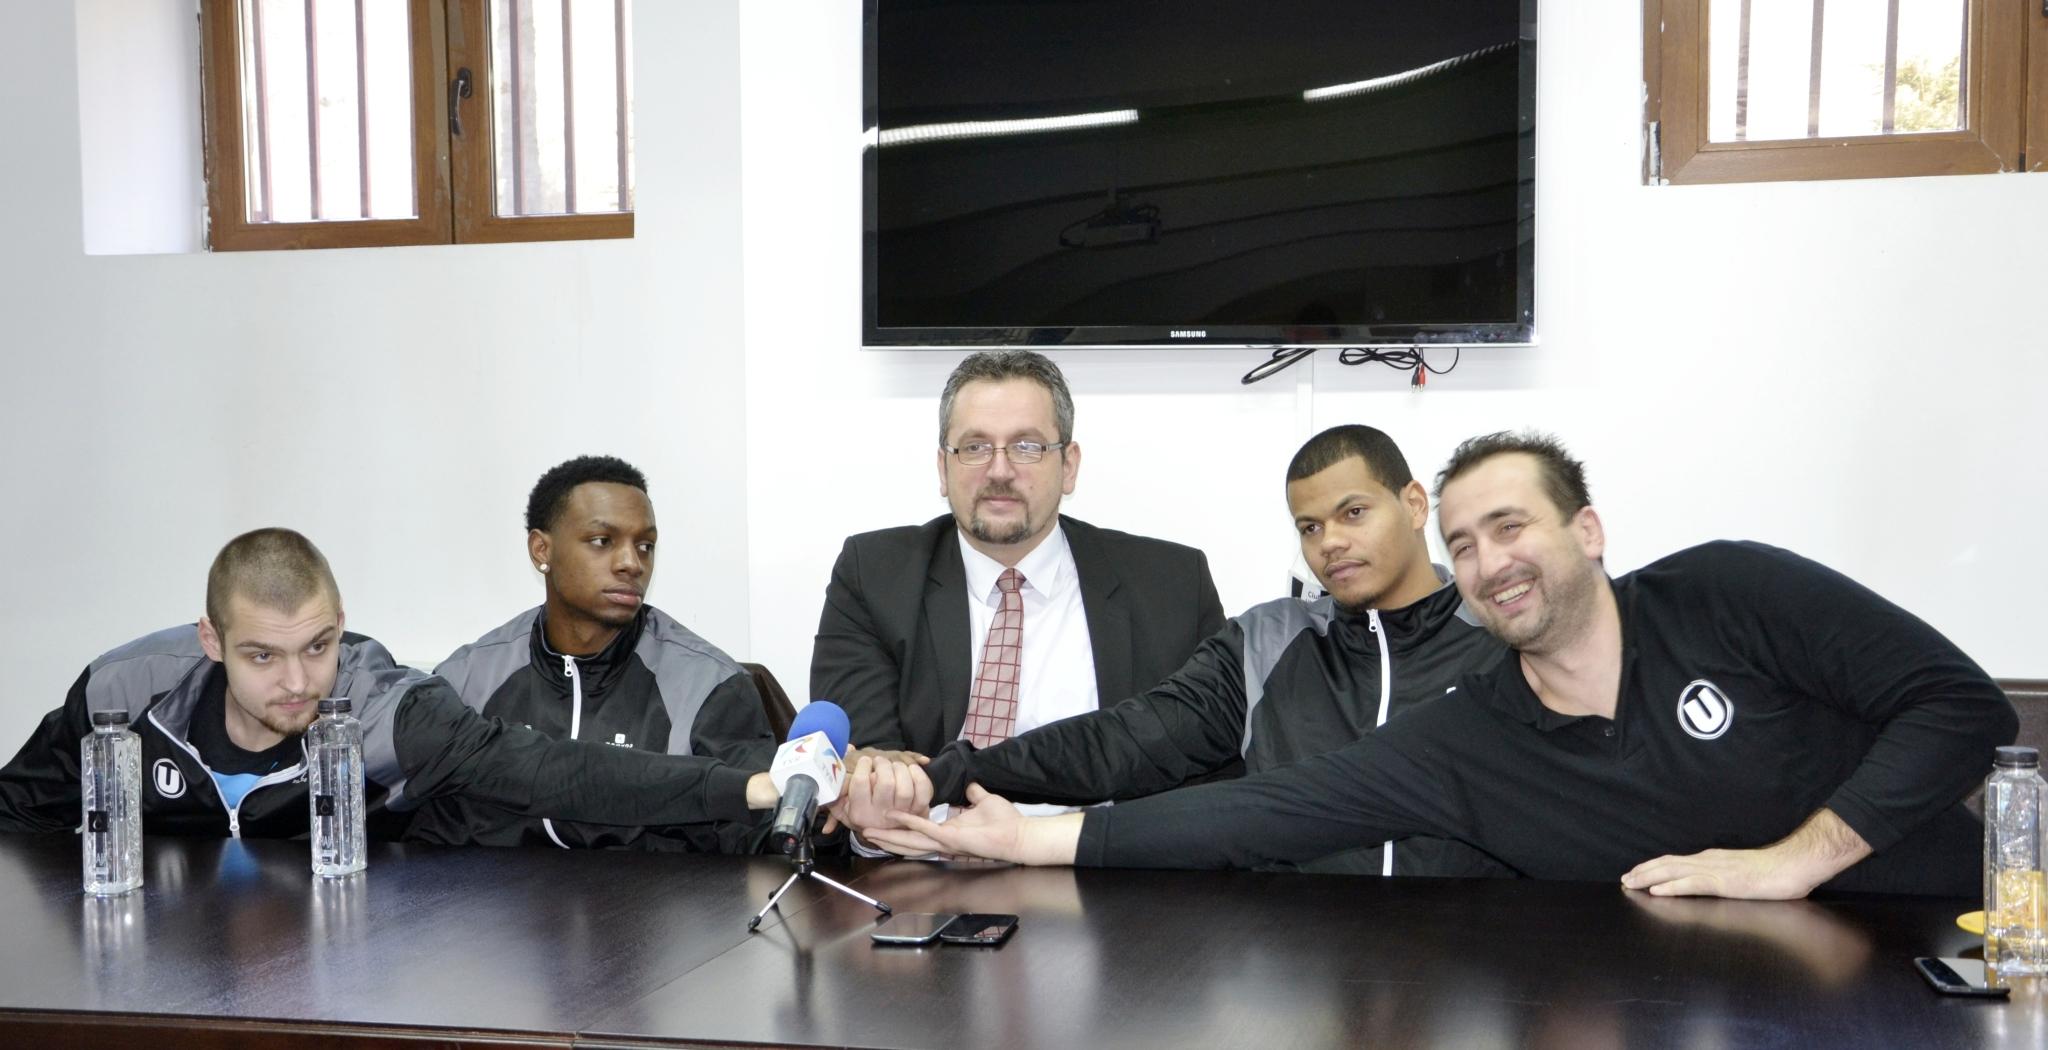 prezentare 3 jucatori baschet masculin CSU Cluj 15 ian 2015